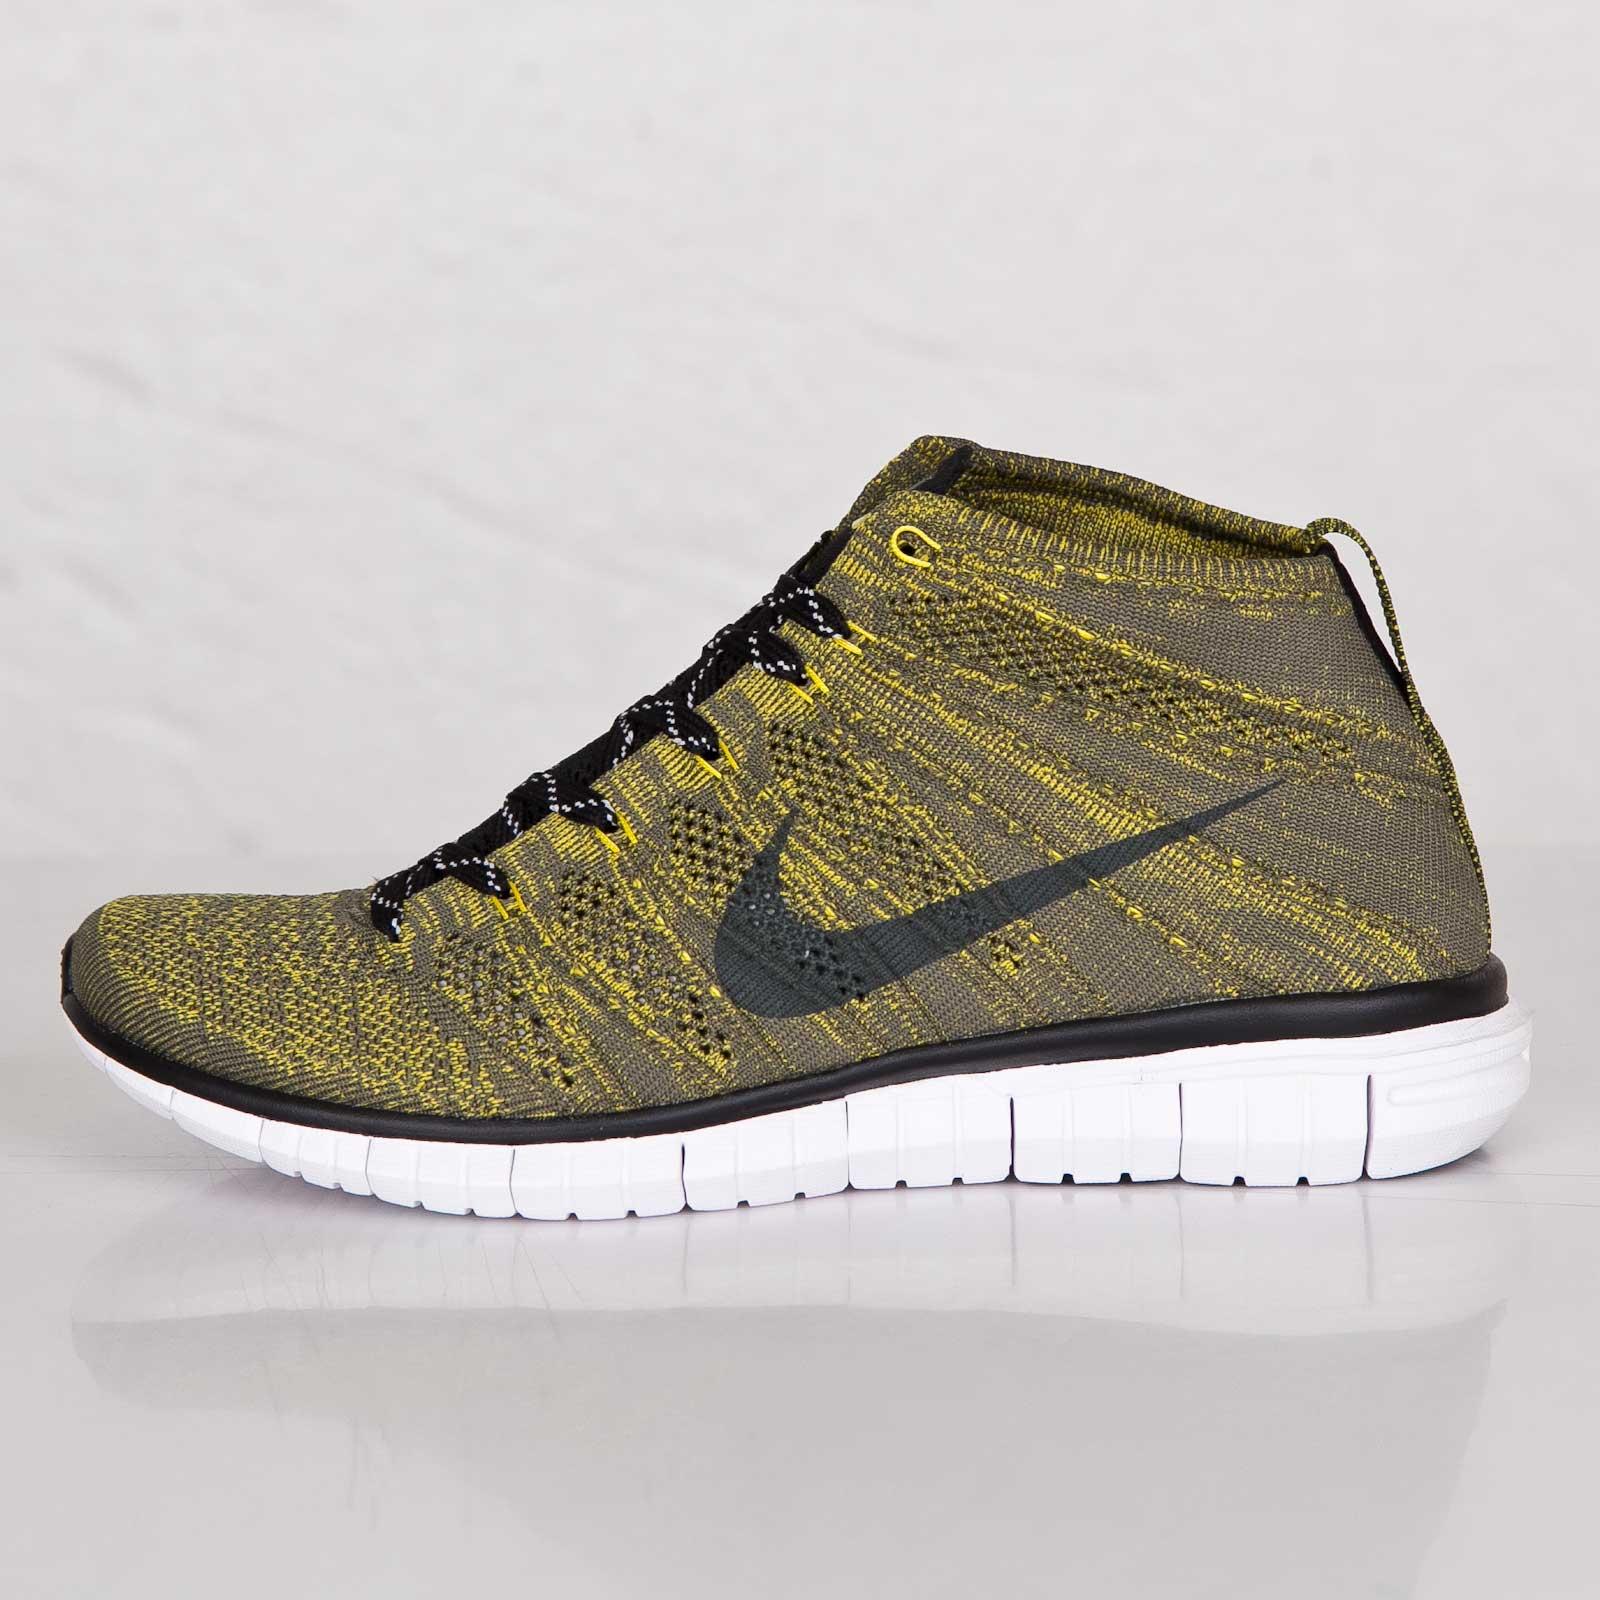 new concept 7d762 6dbde Nike Free Flyknit Chukka - 639700-300 - Sneakersnstuff   sneakers    streetwear online since 1999